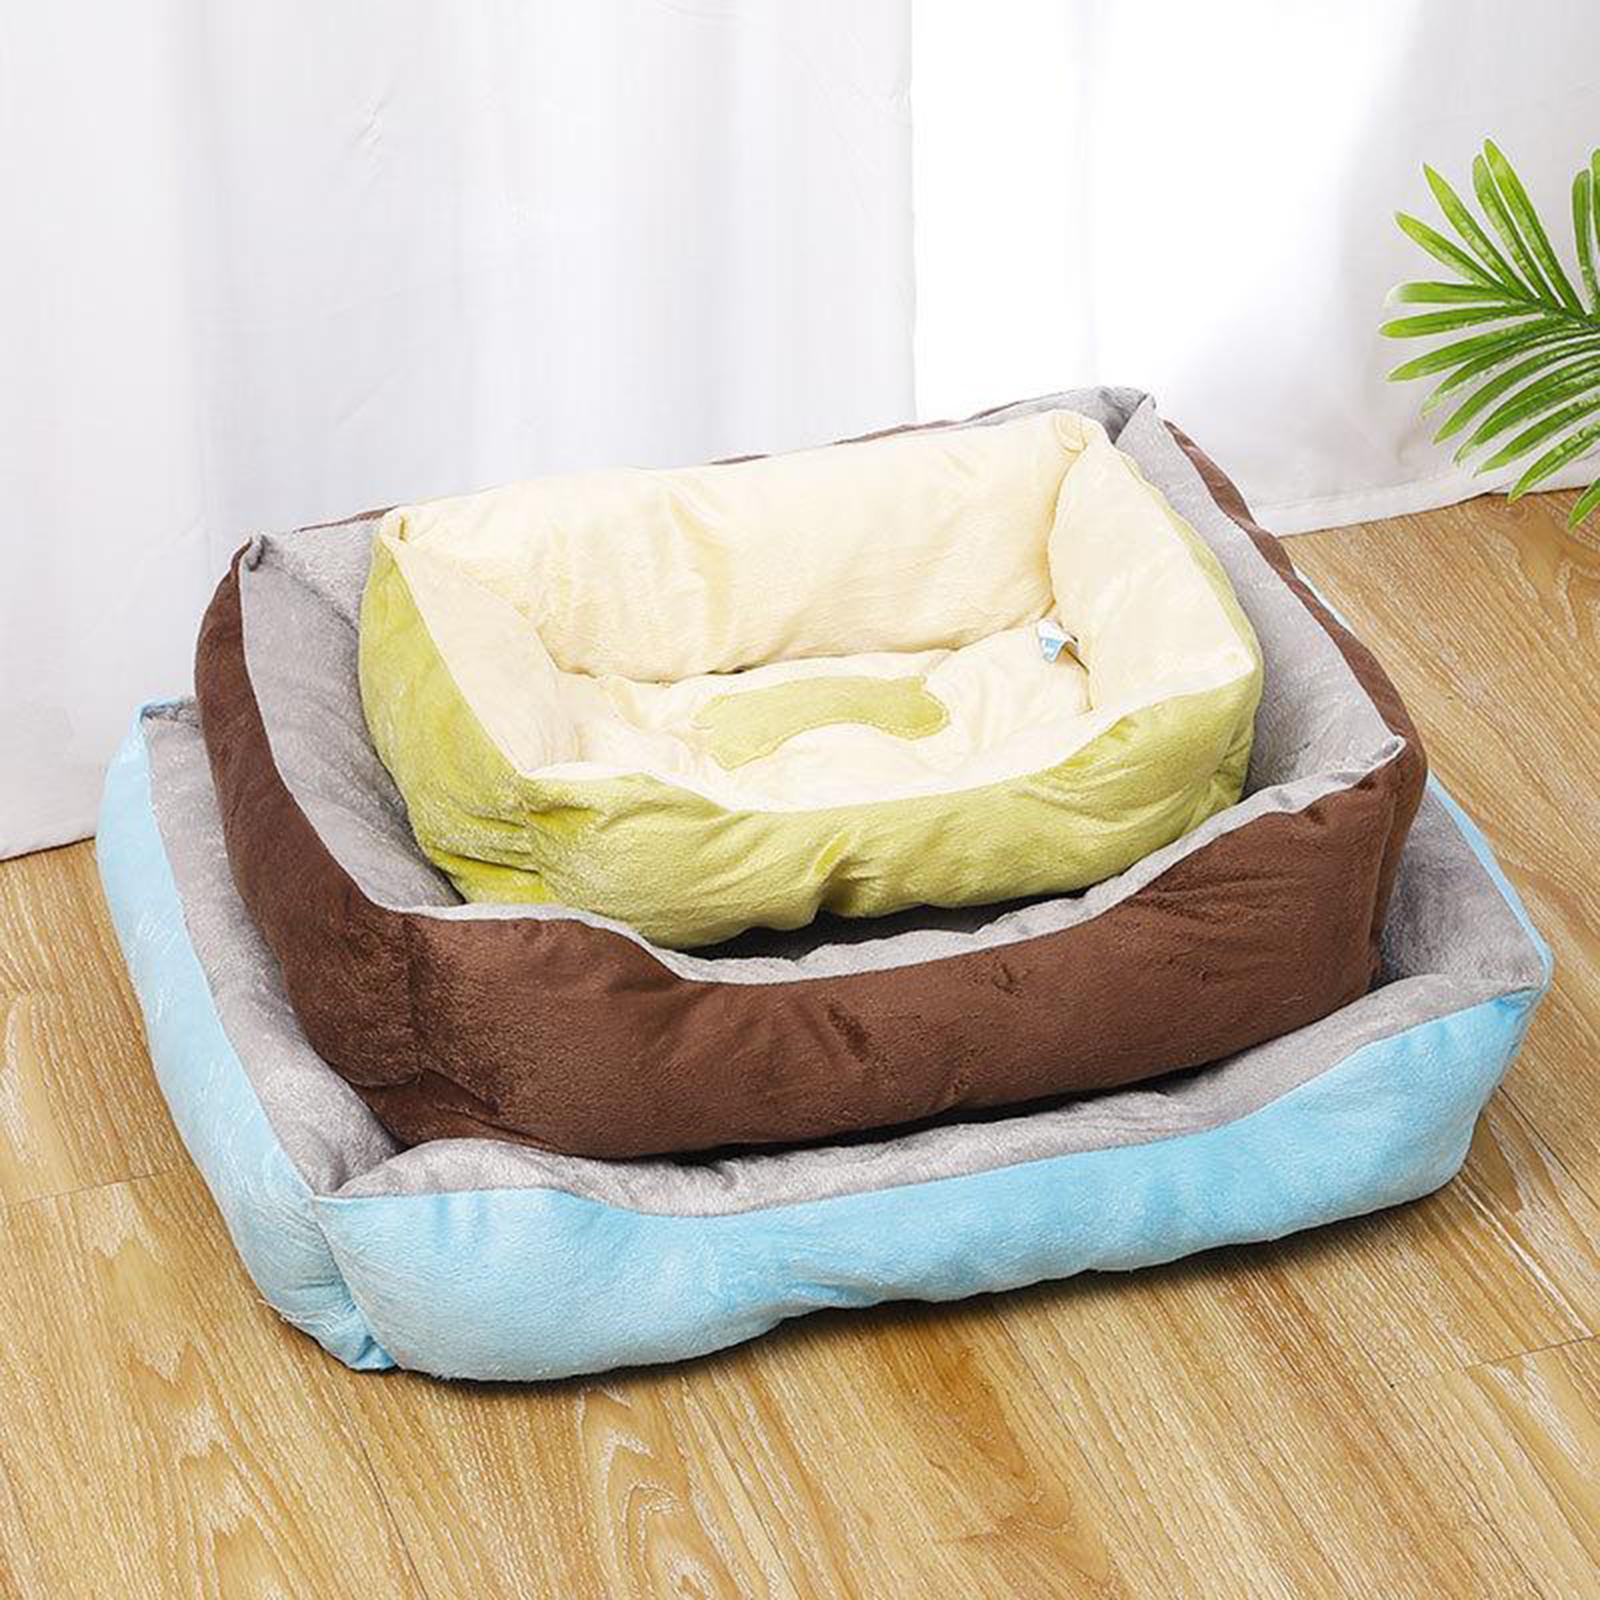 Indexbild 14 - Katze-Hund-Bett-Pet-Kissen-Betten-Haus-Schlaf-Soft-Warmen-Zwinger-Decke-Nest